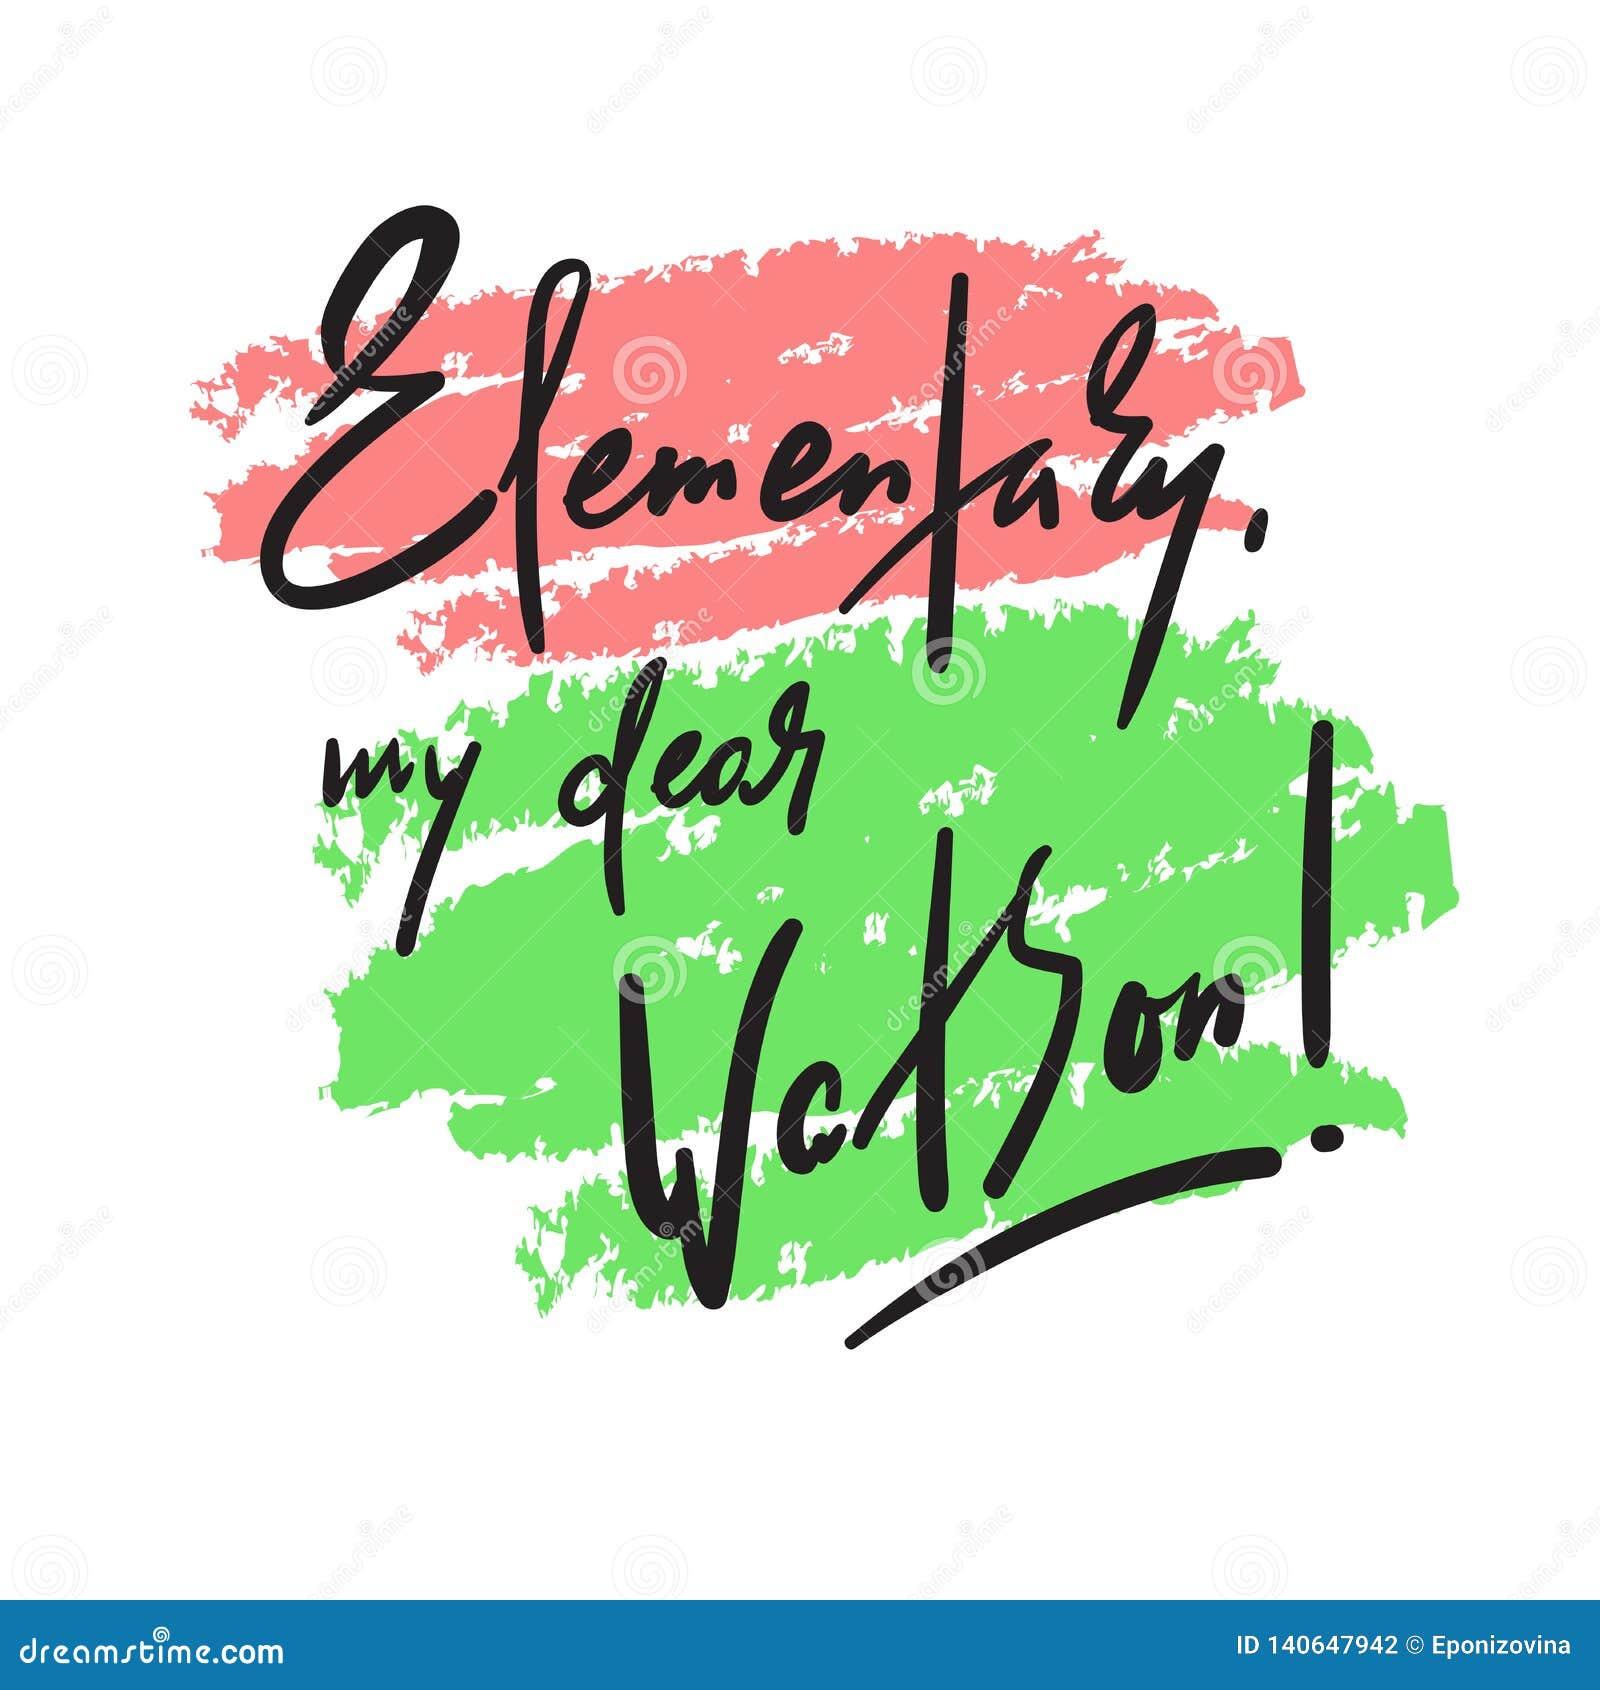 Elementar meu caro Watson - engraçado inspire citações inspiradores